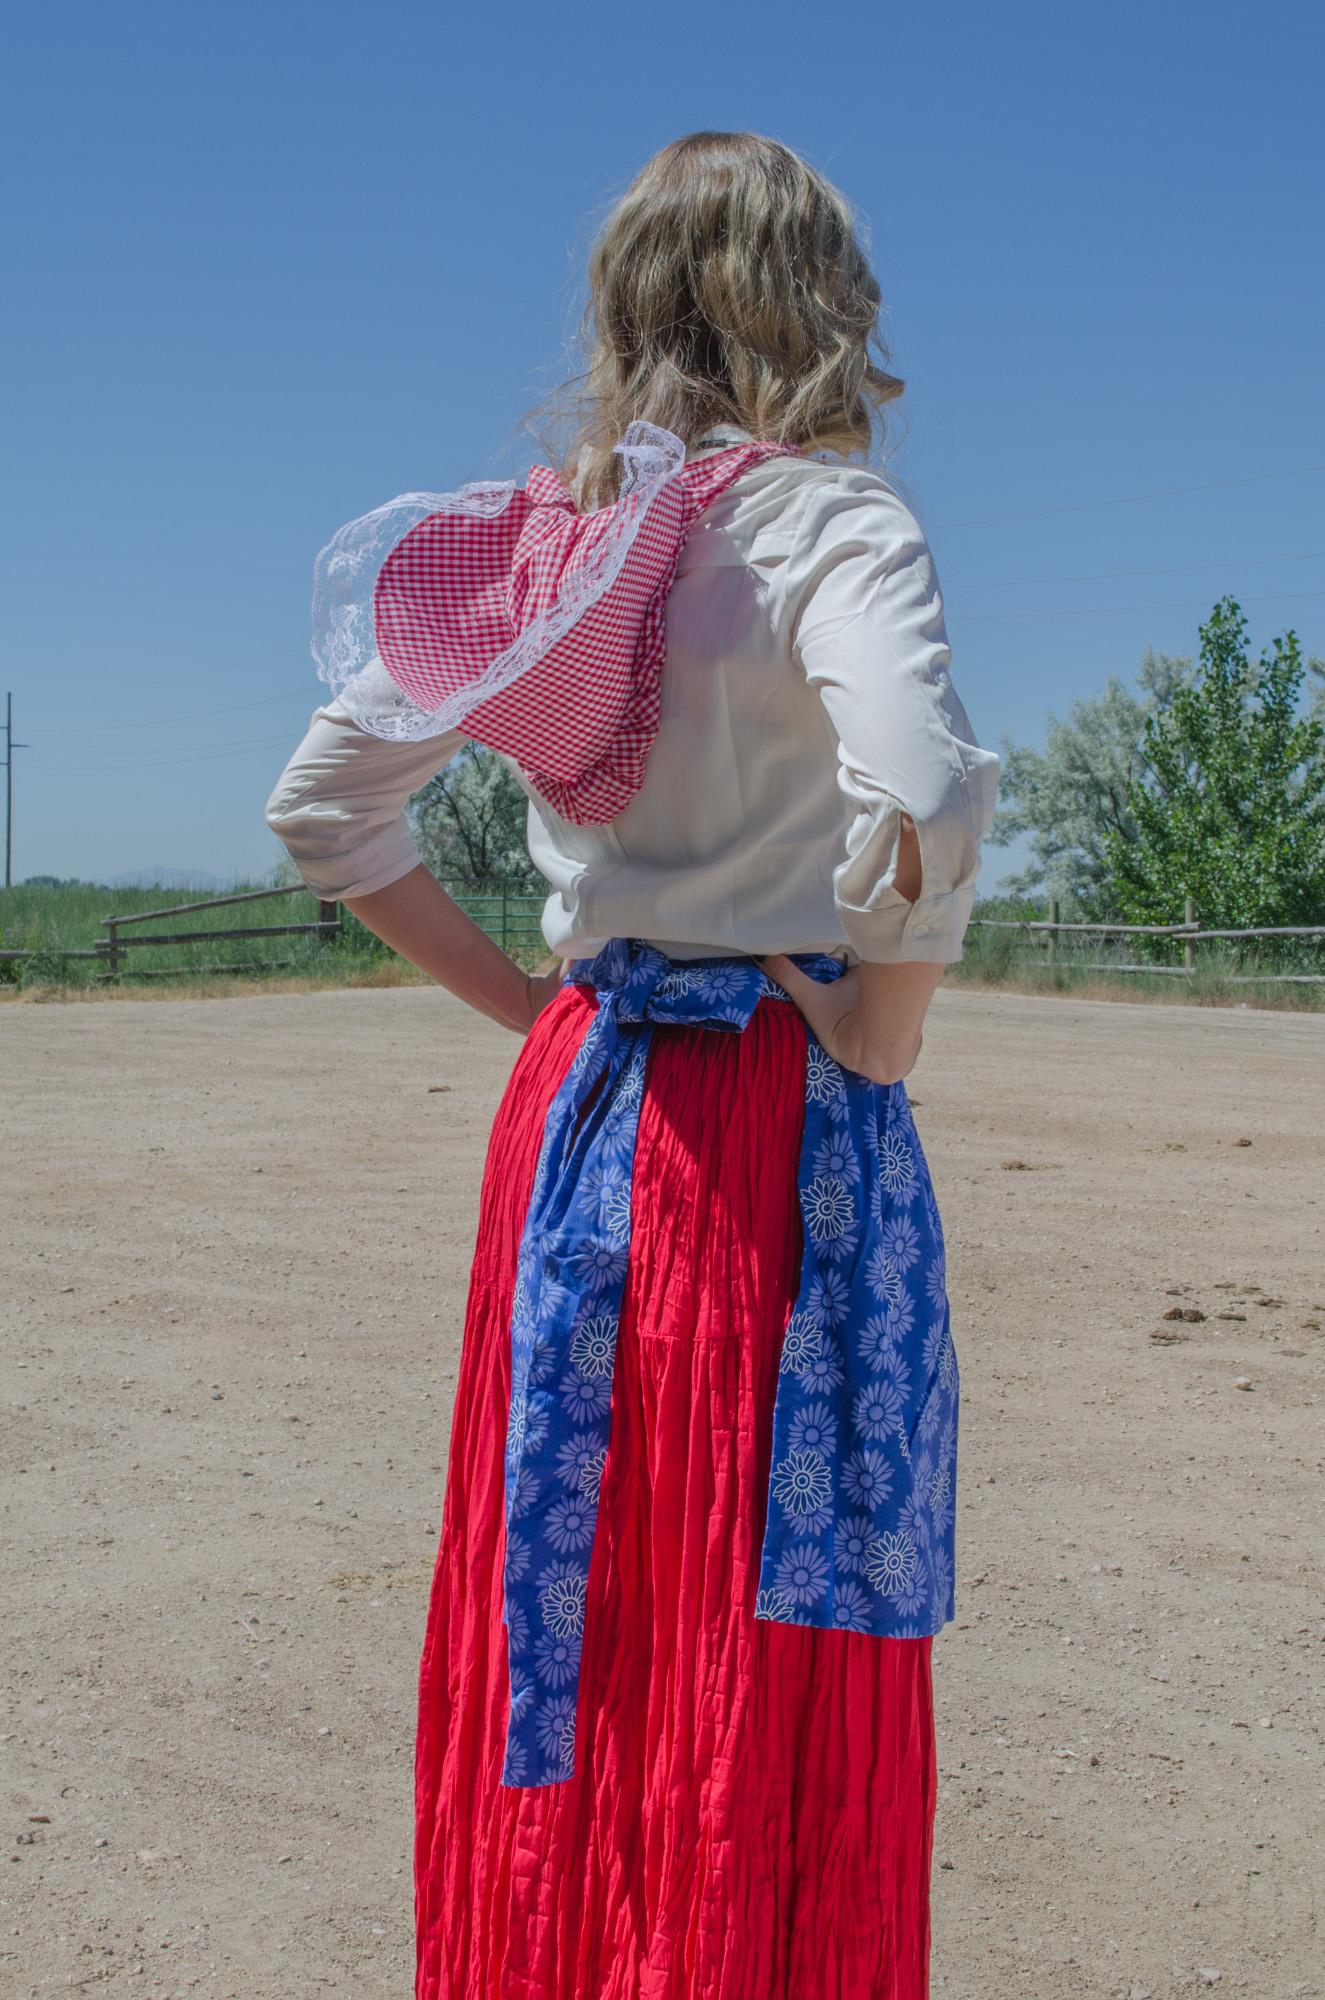 Women's Trek pioneer outfit